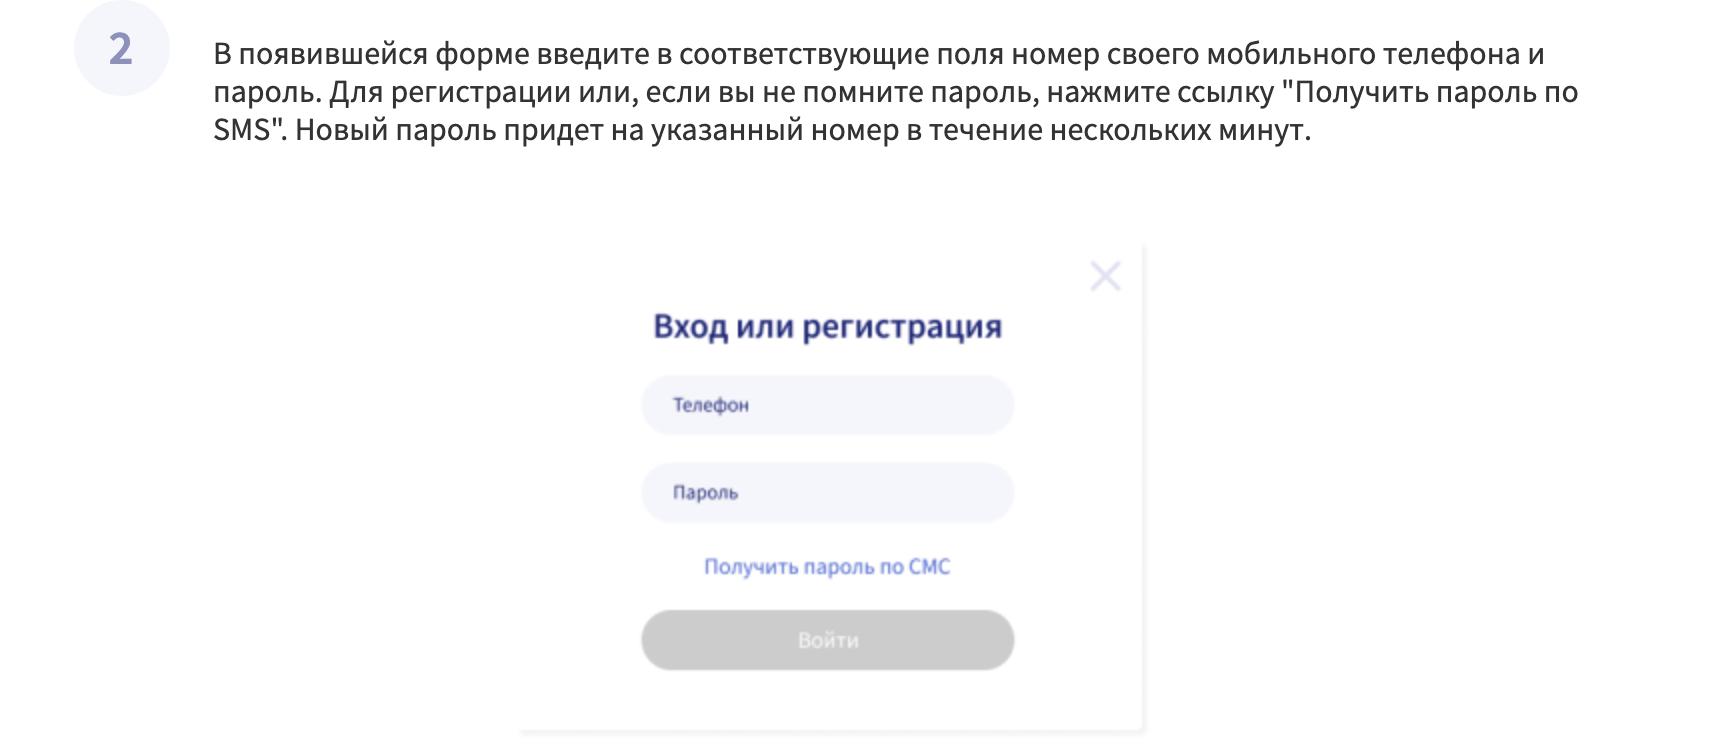 аптека ру авторизация и регистрация